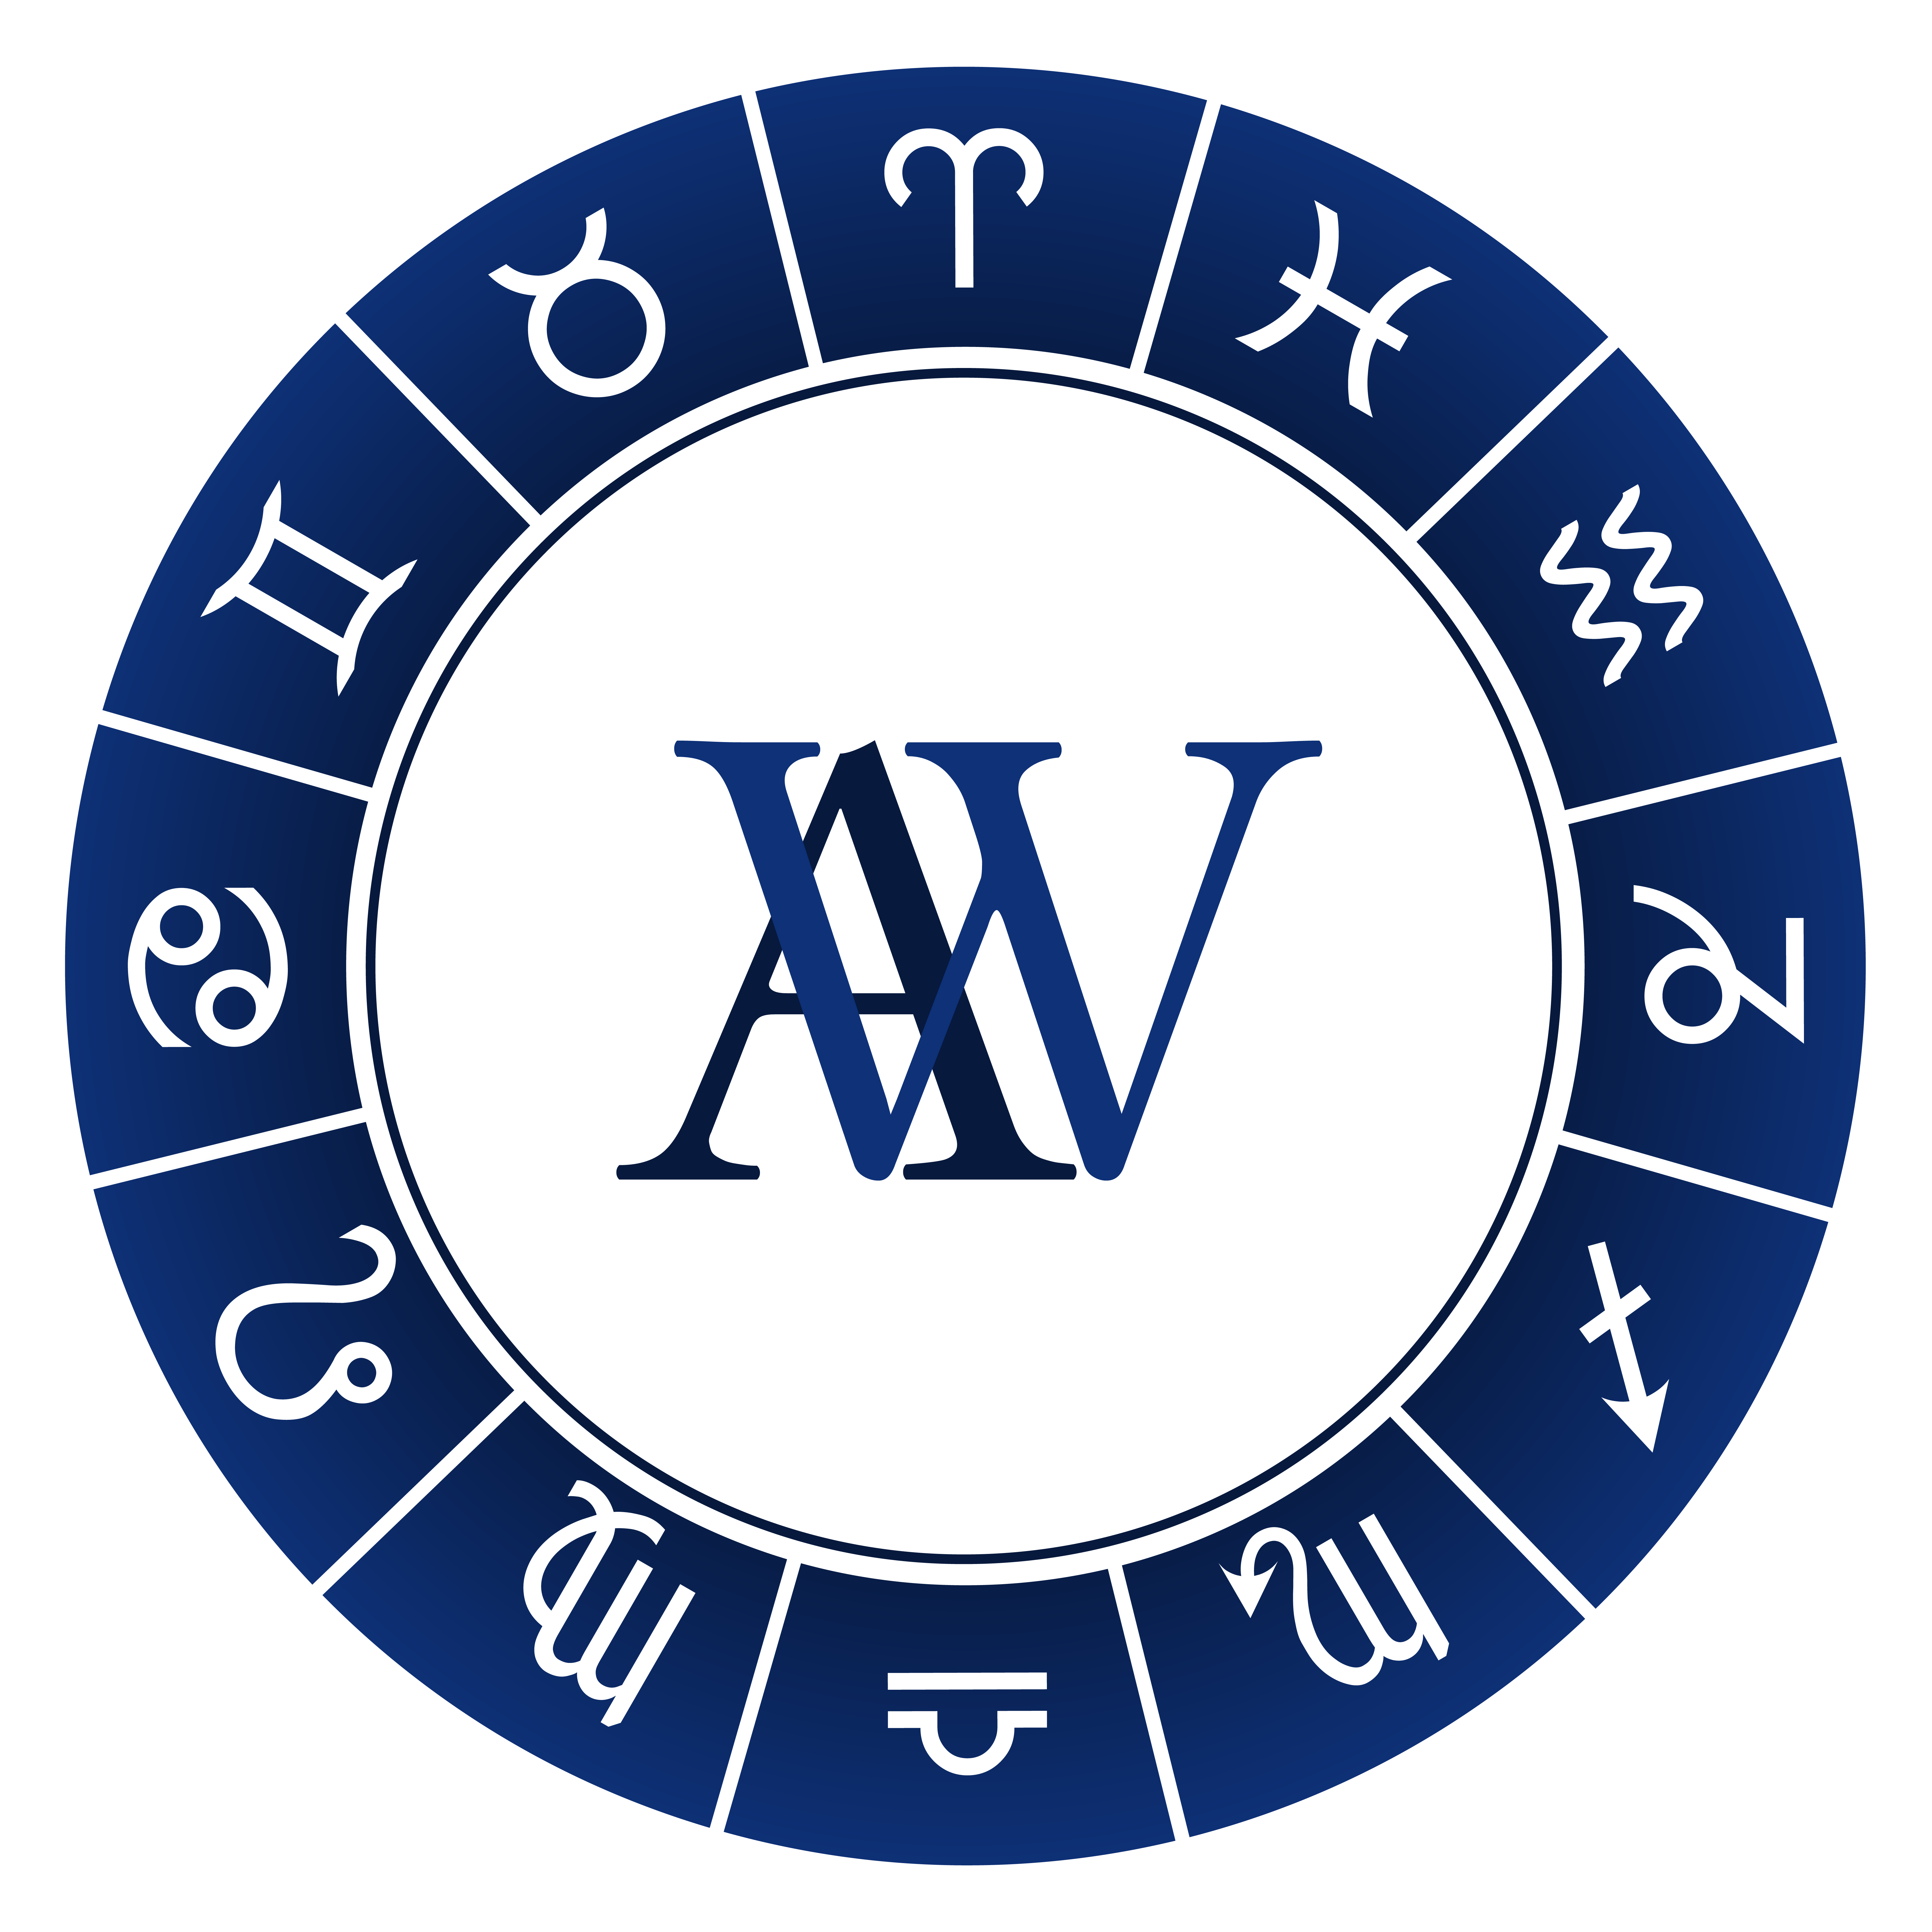 AstroWorx